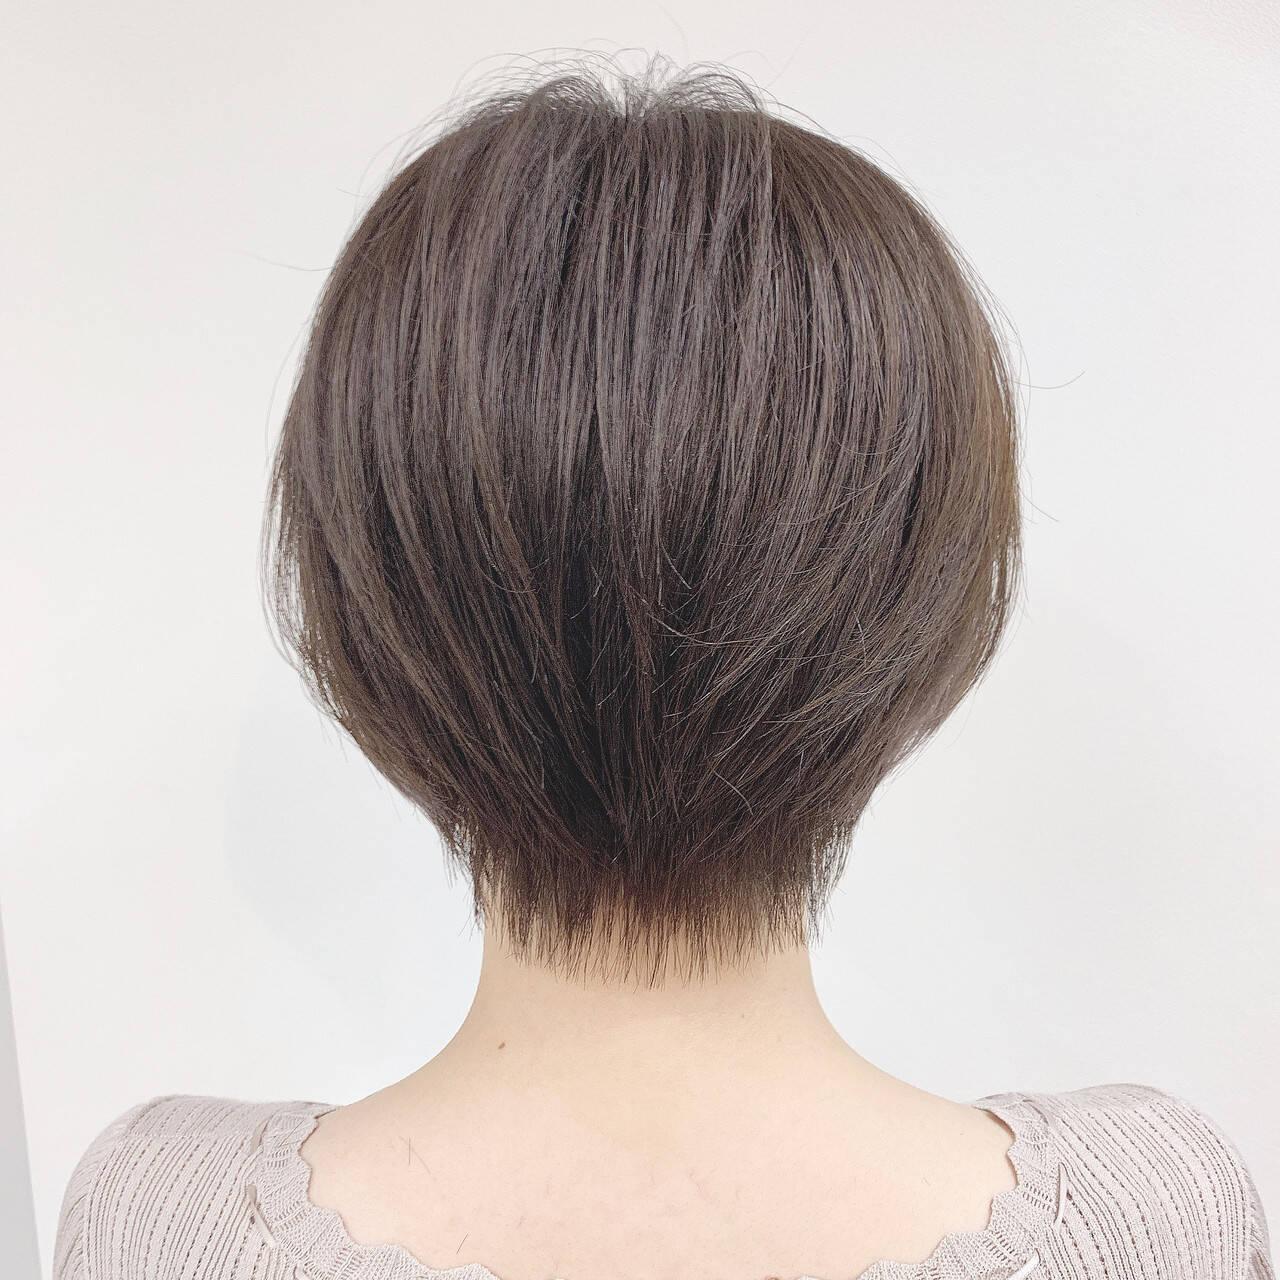 ナチュラル パーマ オフィス ショートヘアスタイルや髪型の写真・画像